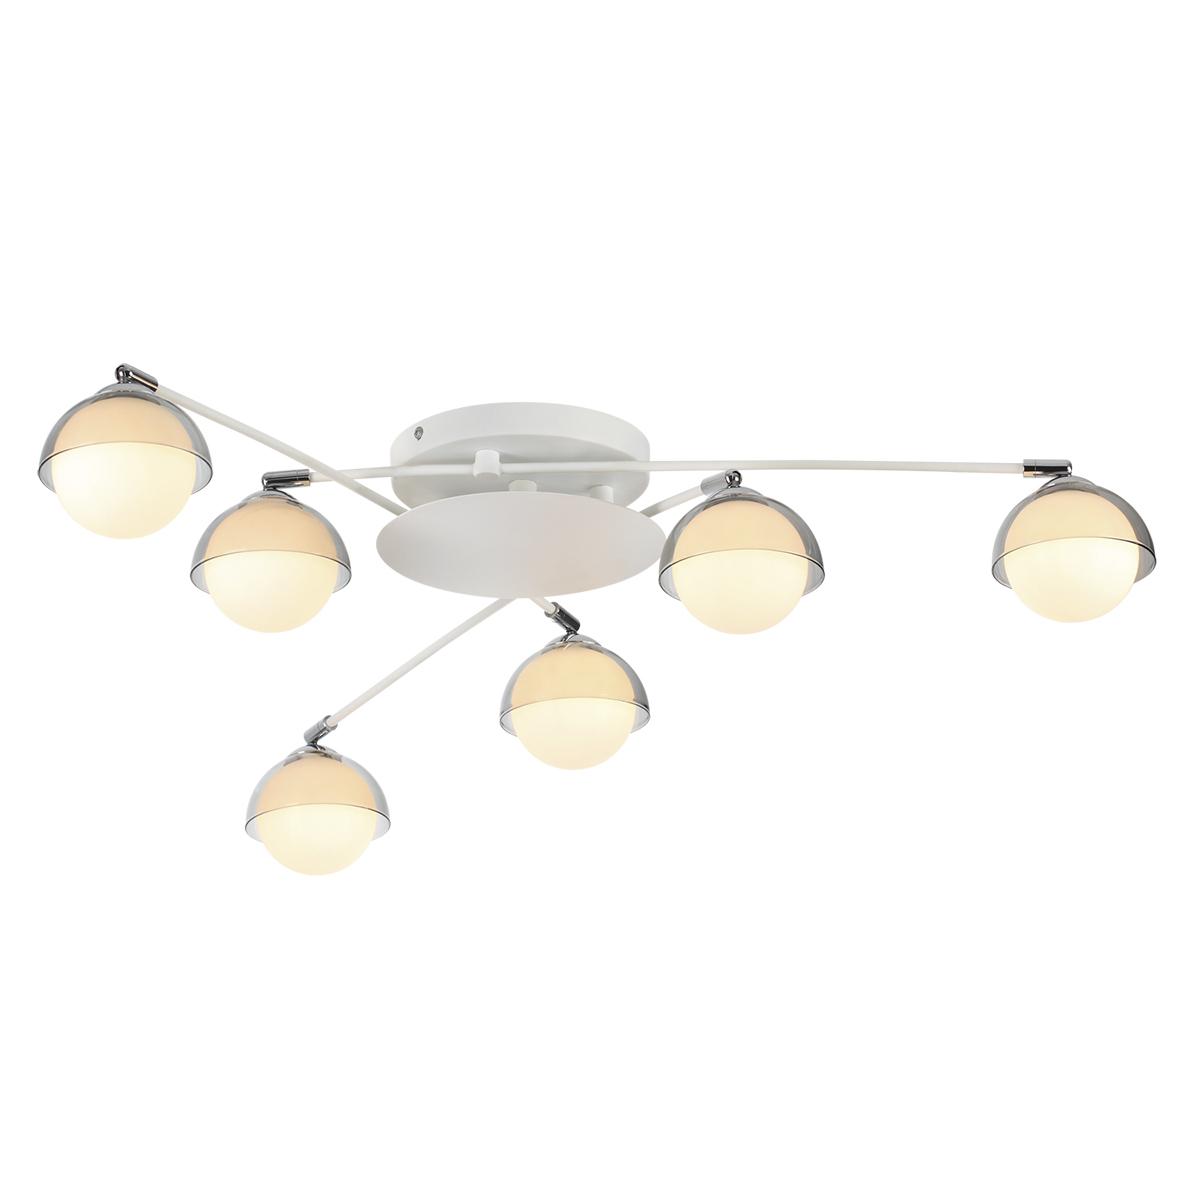 Потолочная люстра с регулировкой направления света Lumion Dondoo 3597/6C, 6xG9x40W, белый, хром, дымчатый, металл, стекло - фото 1